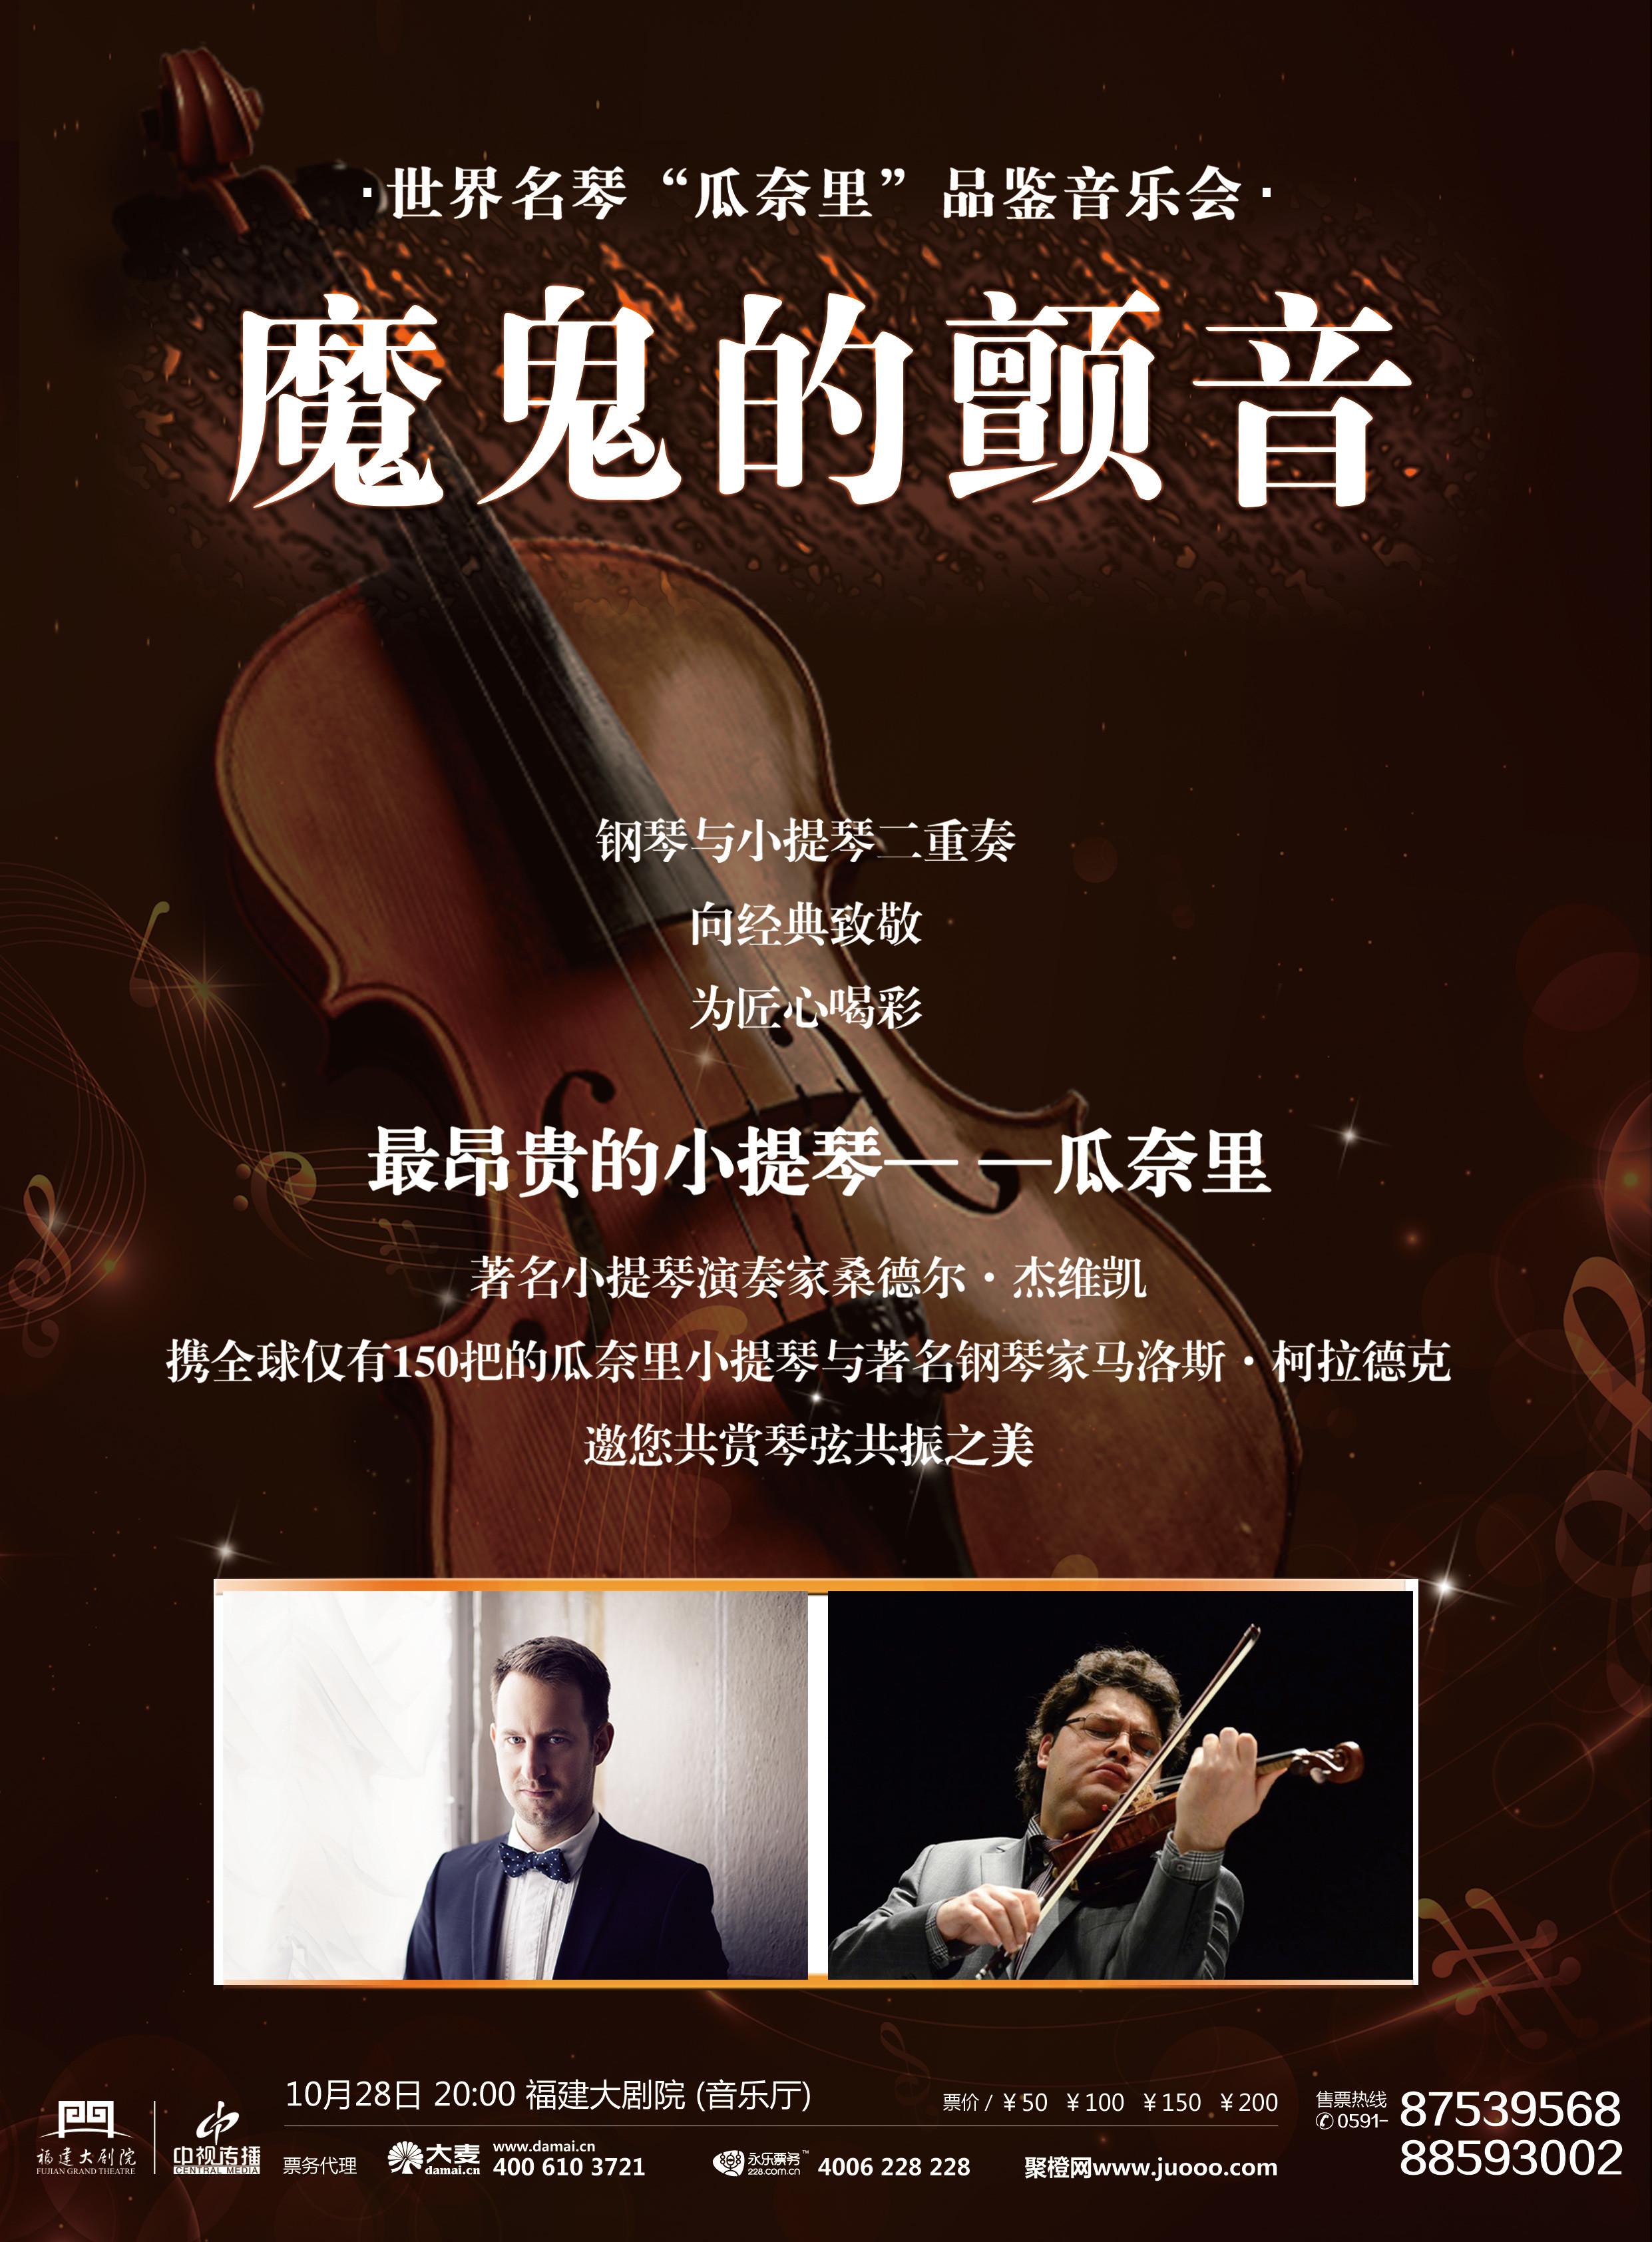 《魔鬼的颤音》钢琴小提琴音乐会